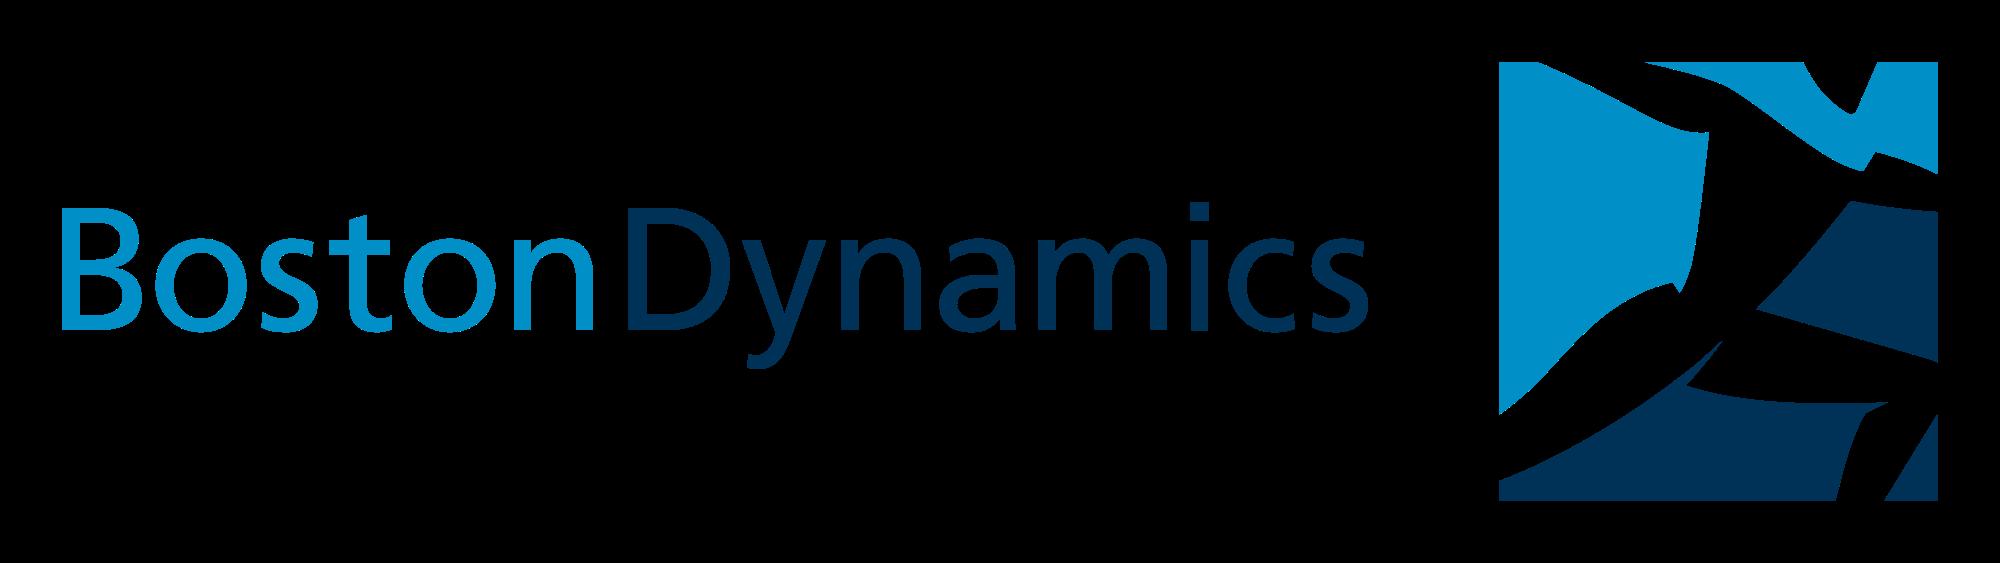 Il logo della Boston Dynamics mostra un robot umanoide